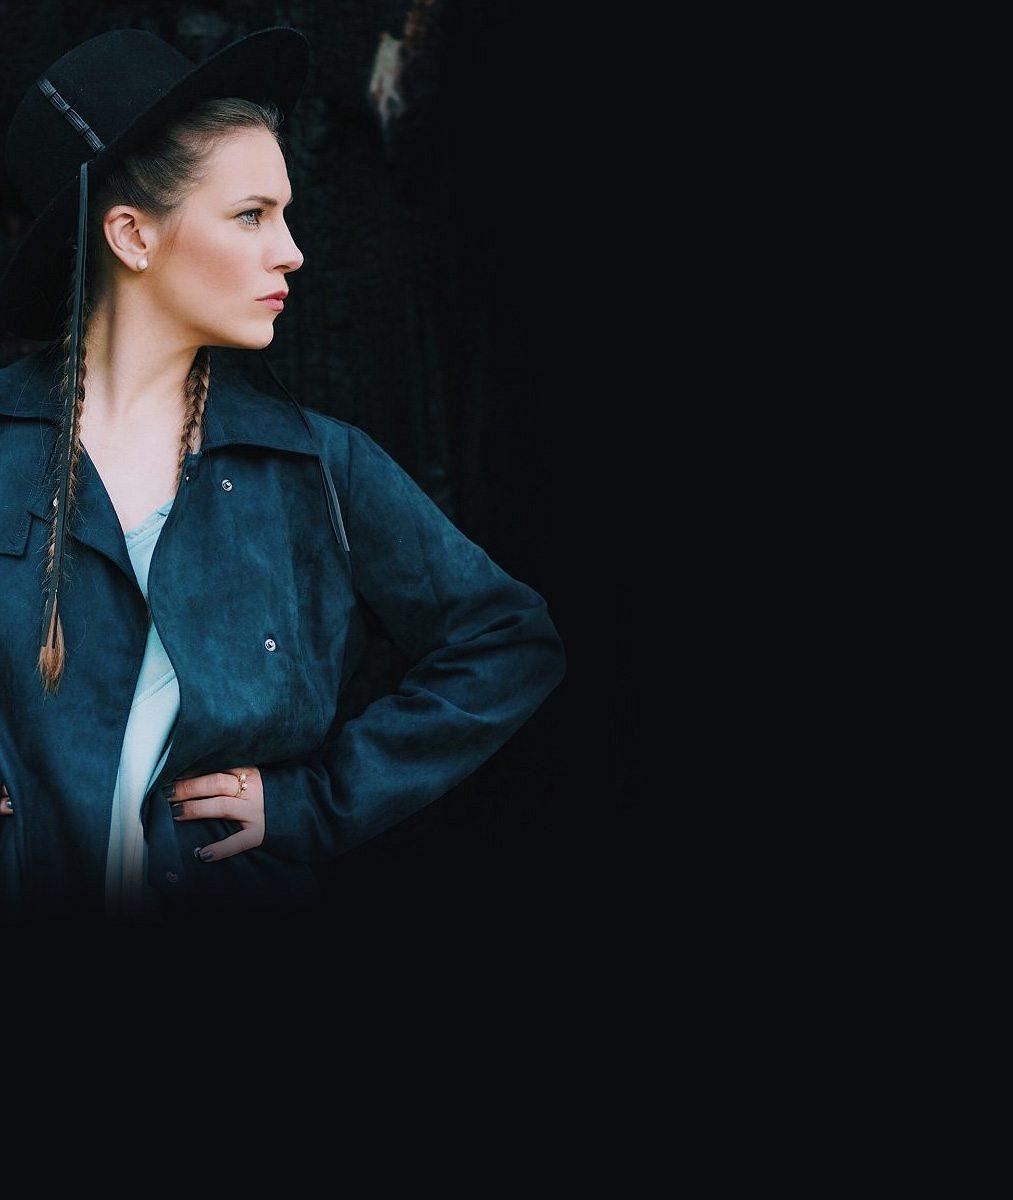 Takhle vypadají bez příkras: V novém českém filmu se hned tři známé české herečky objeví bez šminek